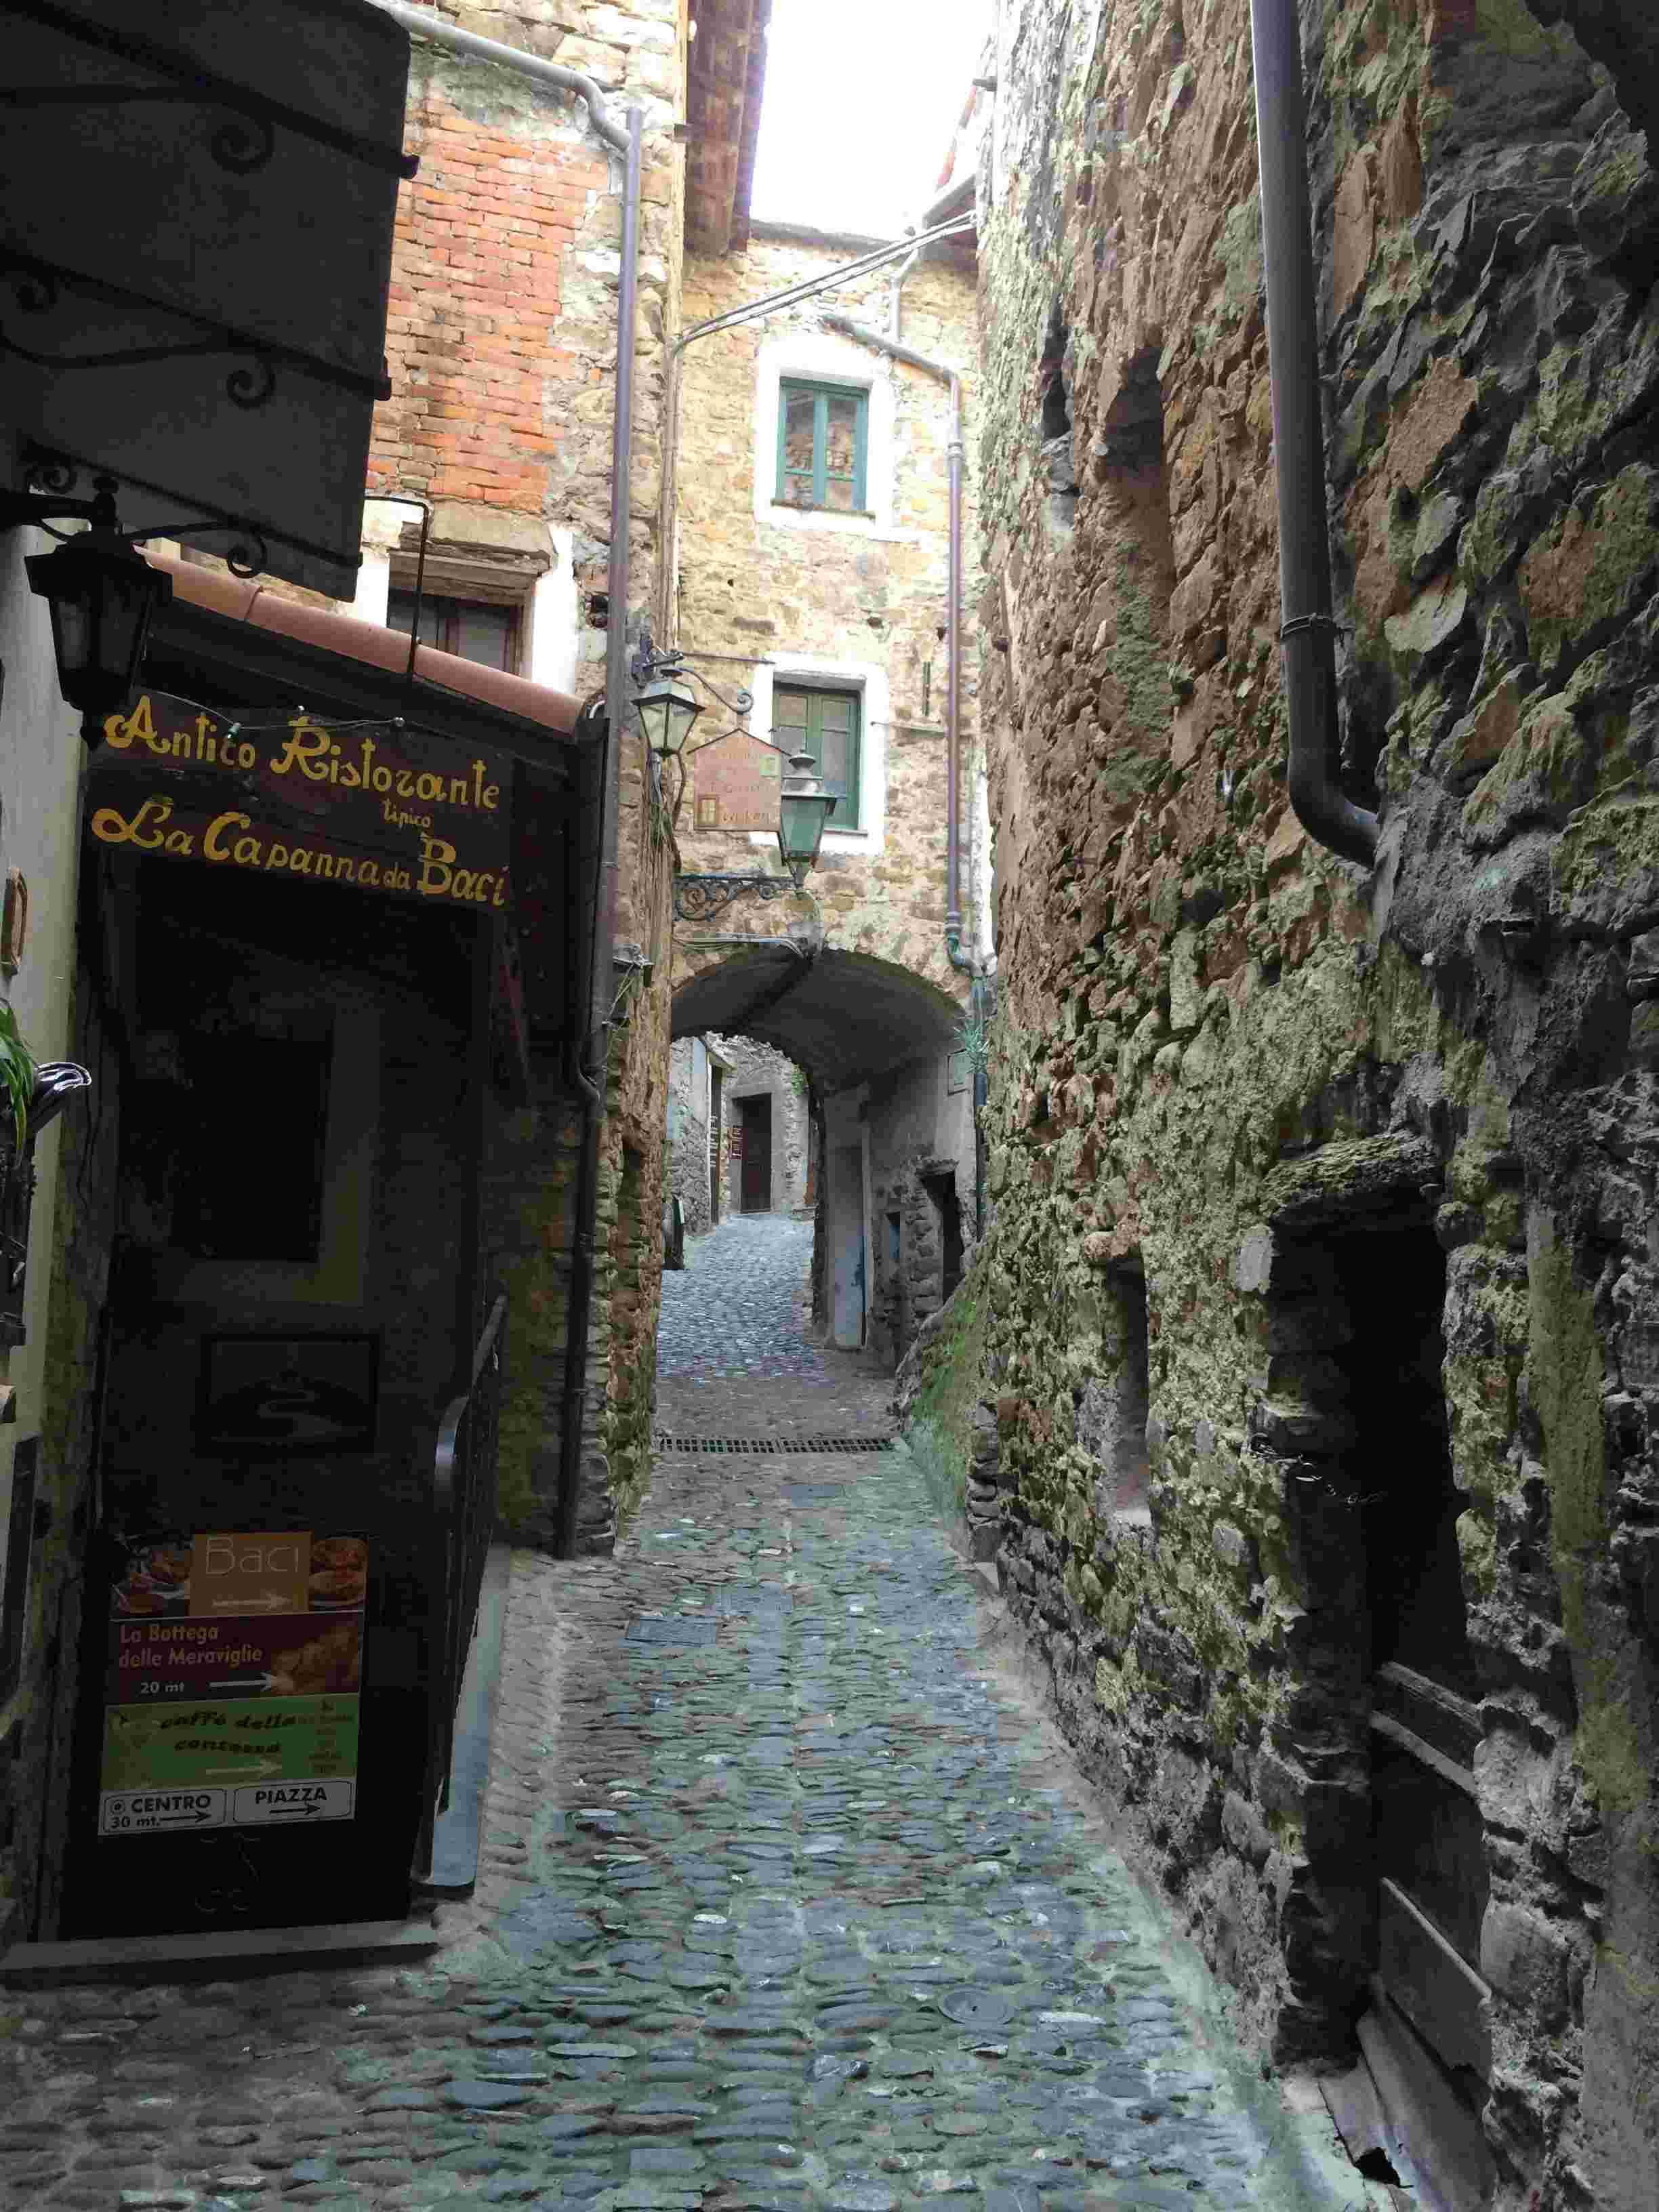 Apricale, le plus beau village d'Italie Aprica12